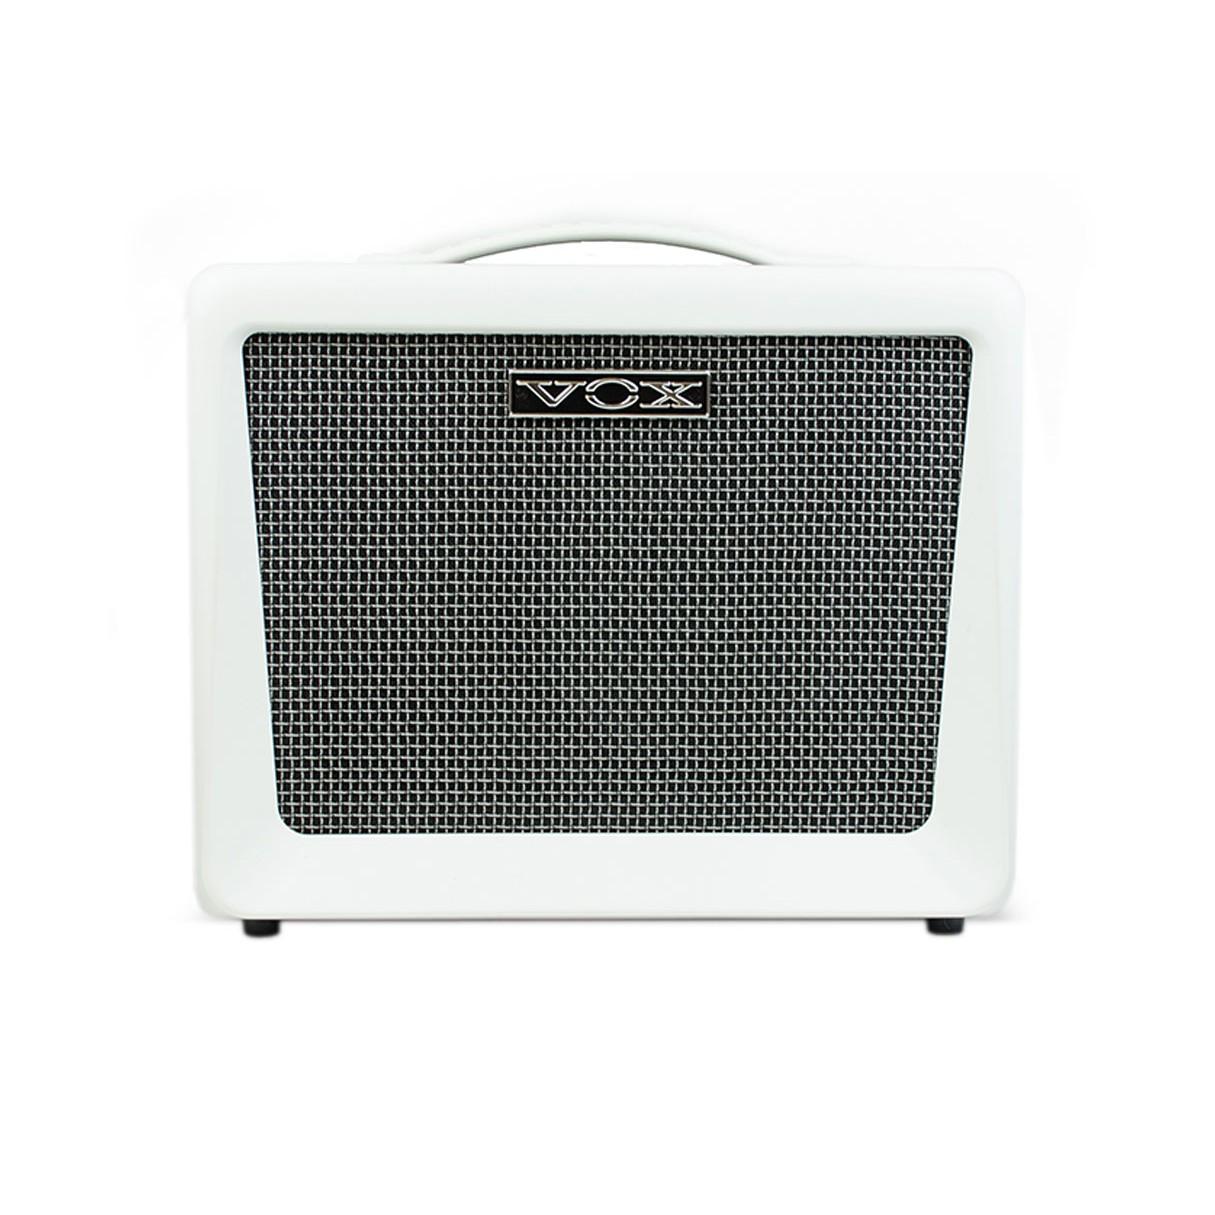 vox vx50kb 10 39 instrument cable keyboard amps keyboard synth. Black Bedroom Furniture Sets. Home Design Ideas